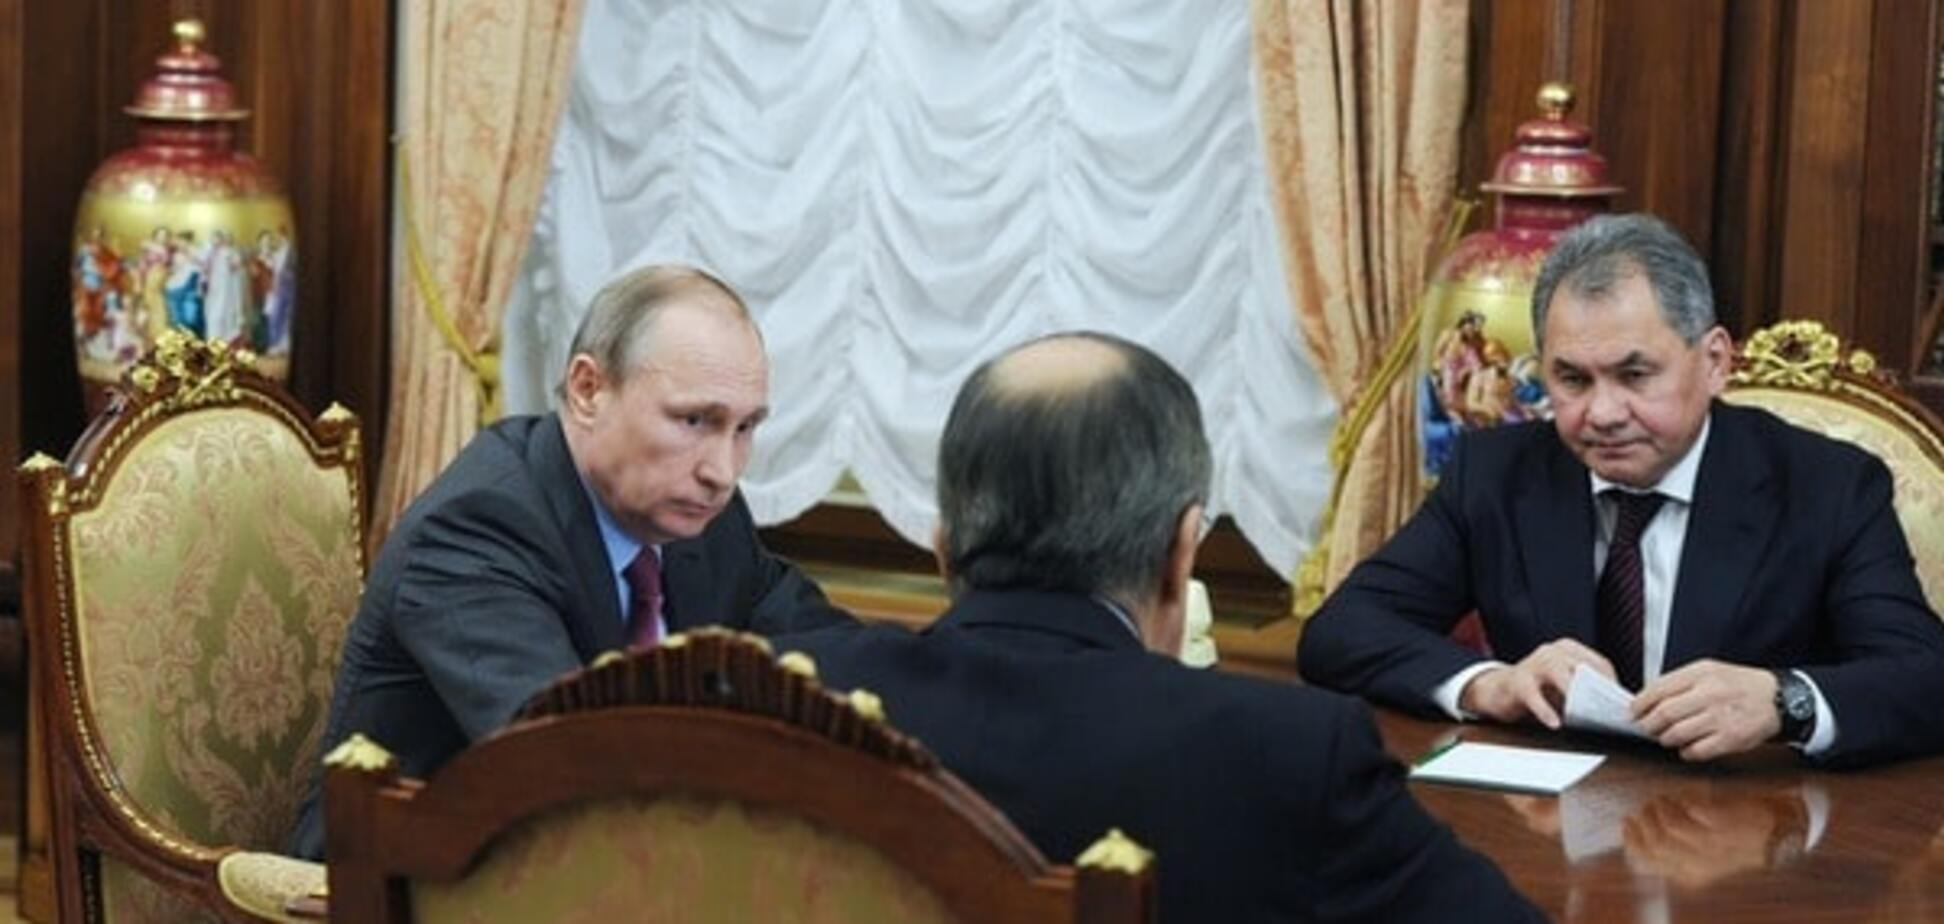 Сирийская мина при плохой игре: эксперт рассказал, что Путин оставляет Асаду